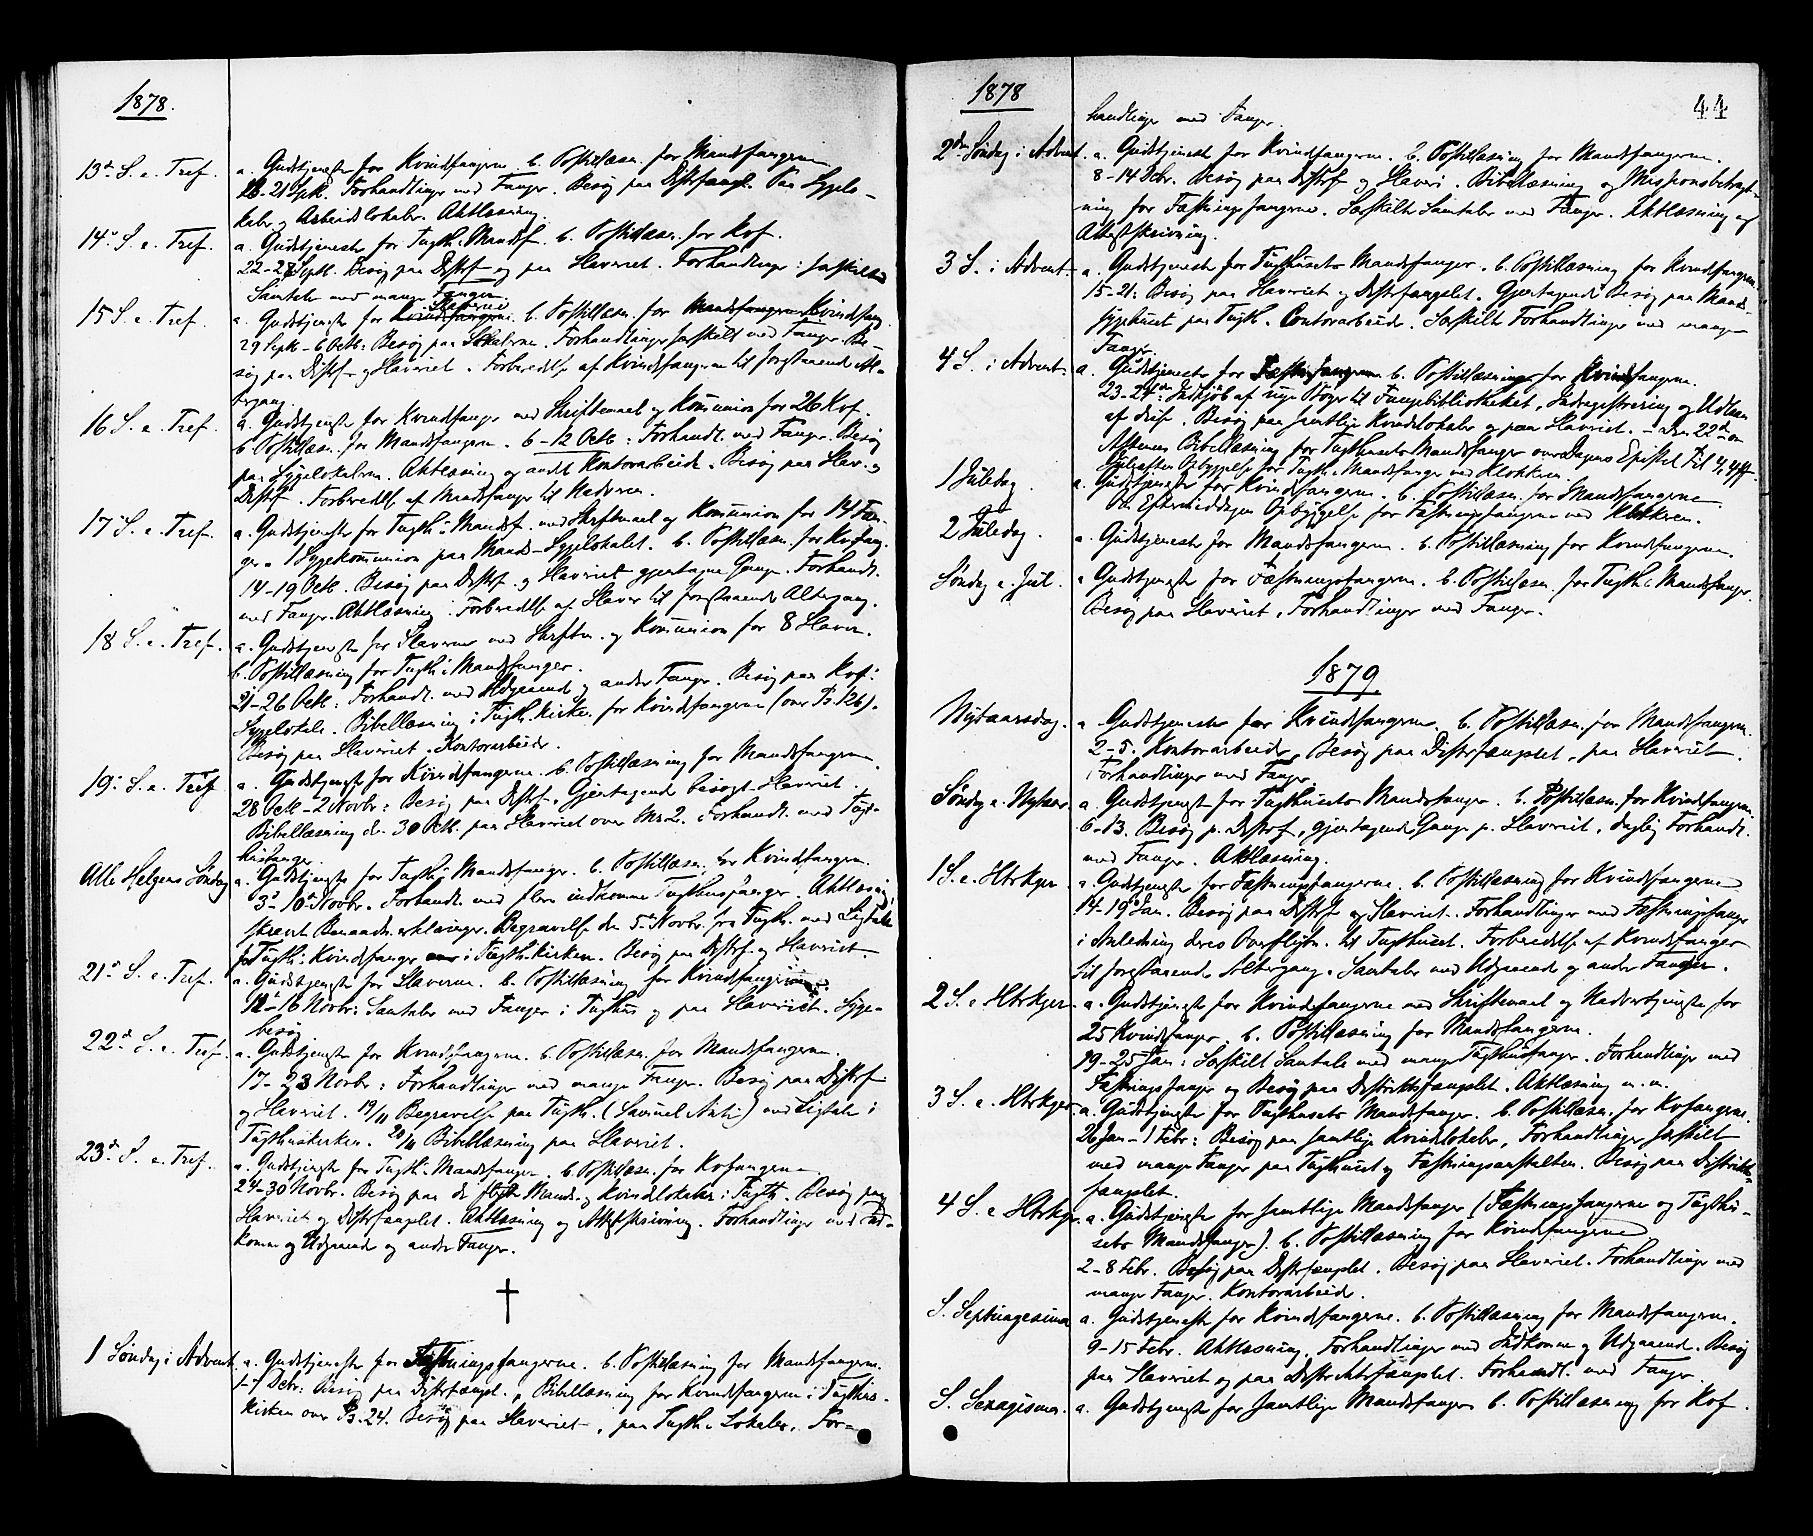 SAT, Ministerialprotokoller, klokkerbøker og fødselsregistre - Sør-Trøndelag, 624/L0482: Ministerialbok nr. 624A03, 1870-1918, s. 44